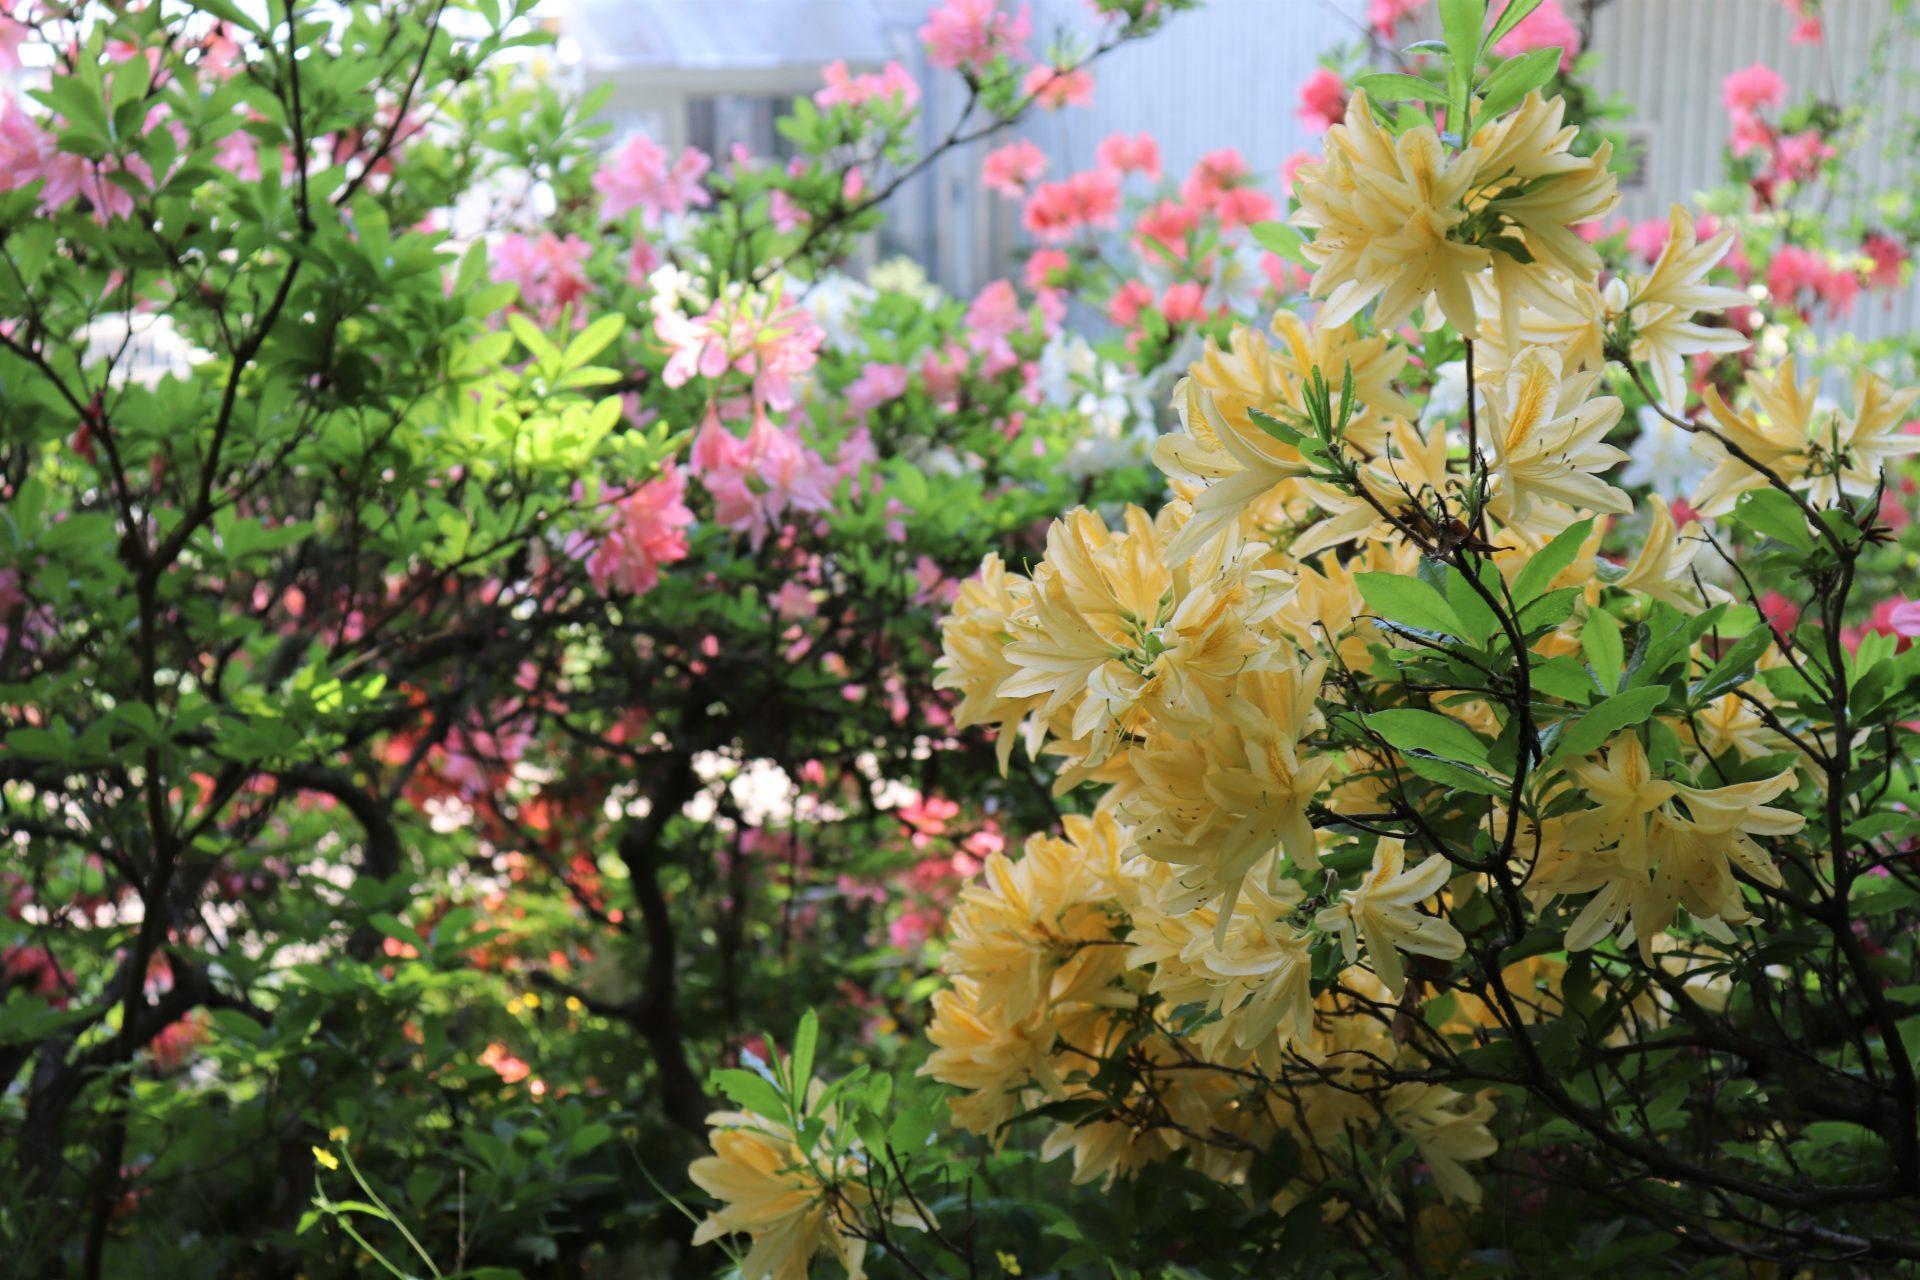 ruissalo turku nähtävyydet luonto päiväretki kesäloma kasvitieteellinen puutarha